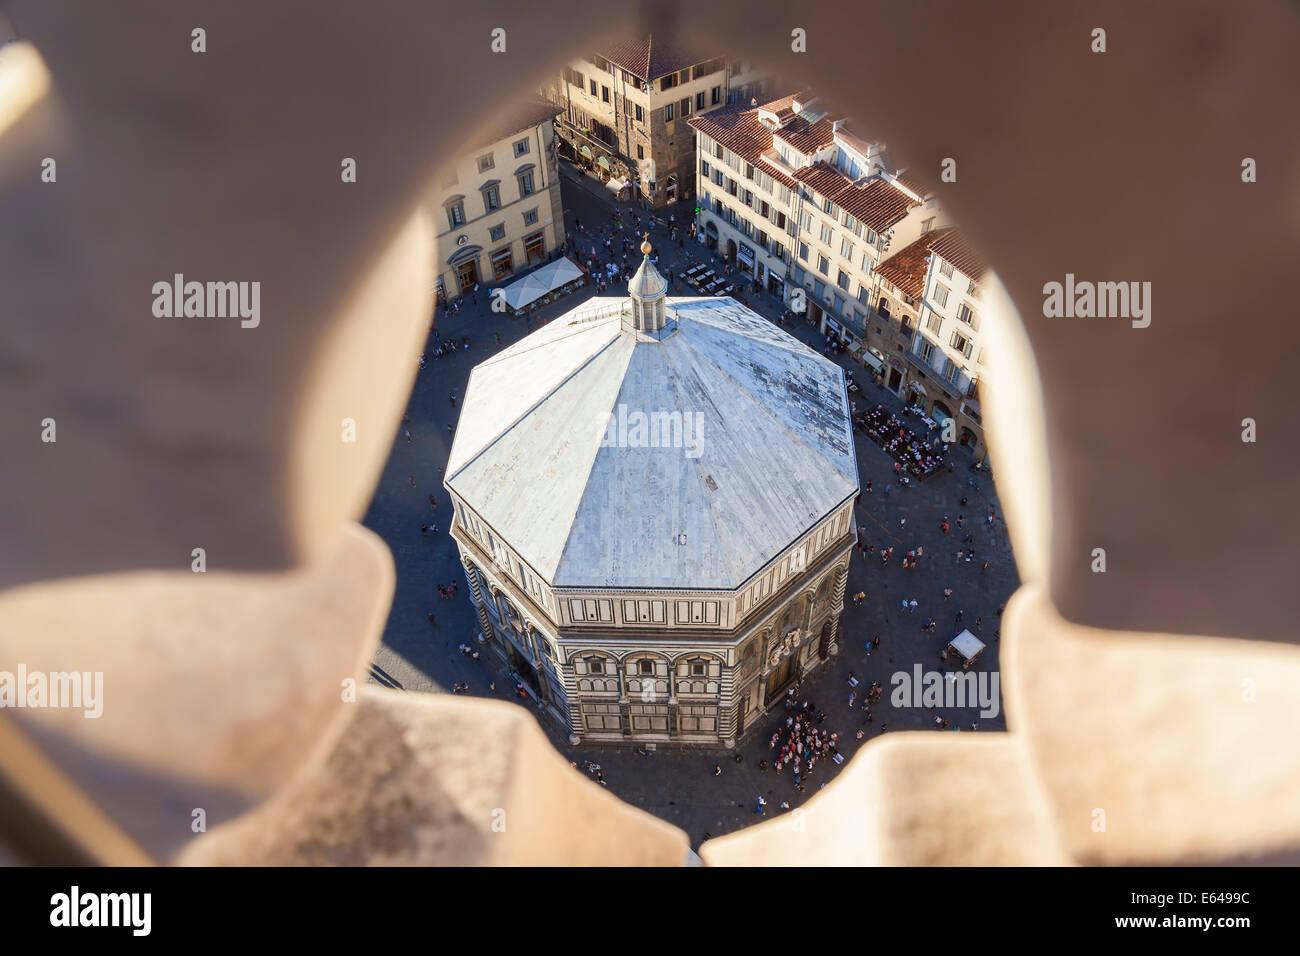 El baptisterio en la Piazza del Duomo, Florencia, Italia. Imagen De Stock